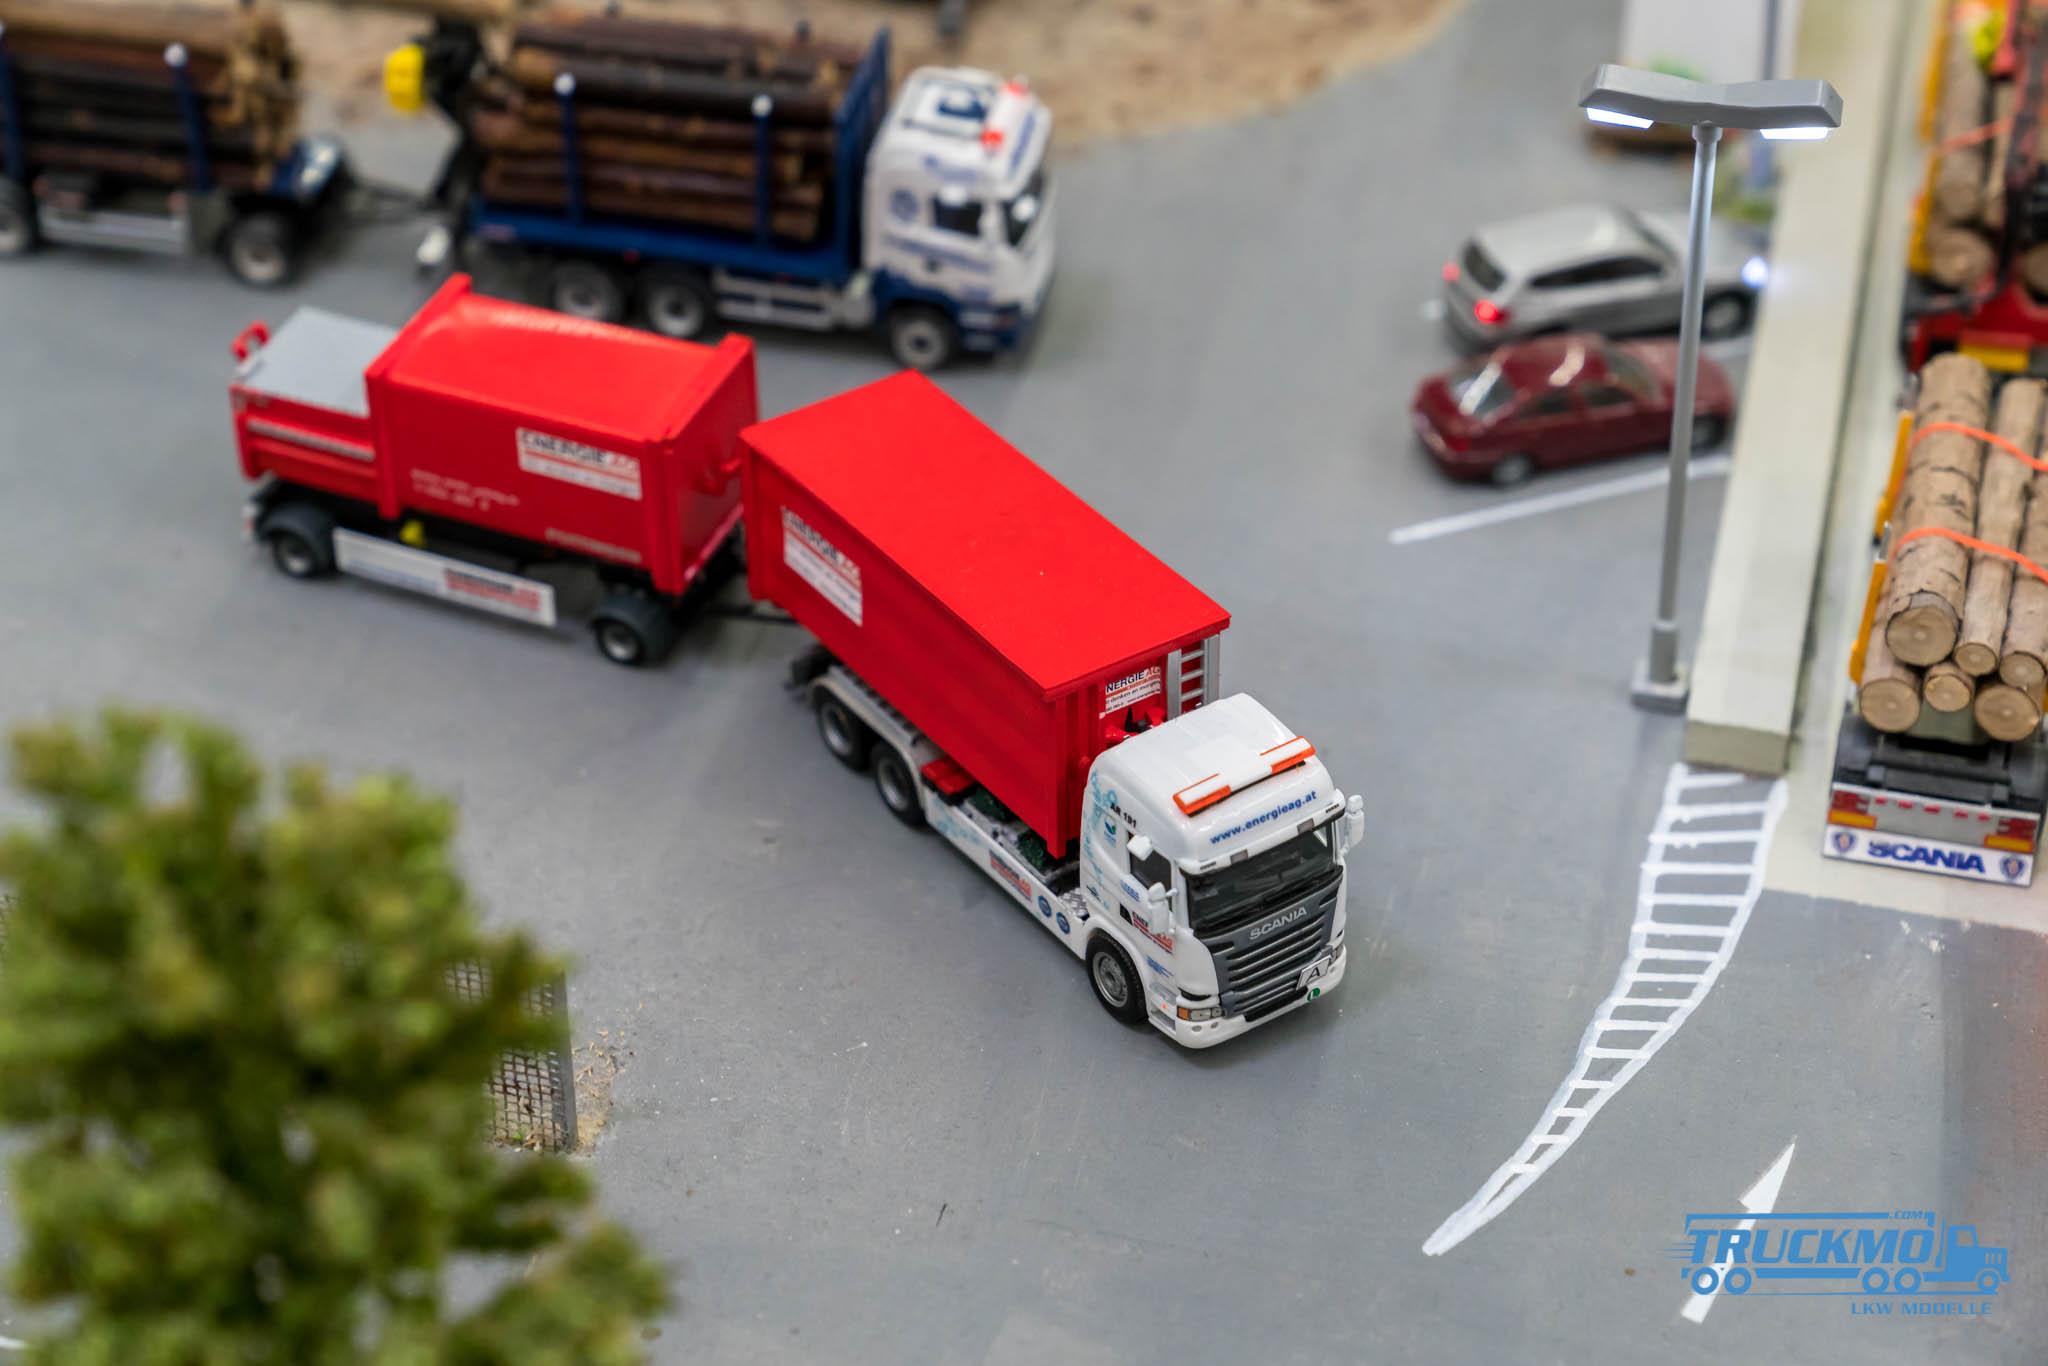 Truckmo_Modellbau_Ried_2017_Herpa_Messe_Modellbauausstellung (198 von 1177)